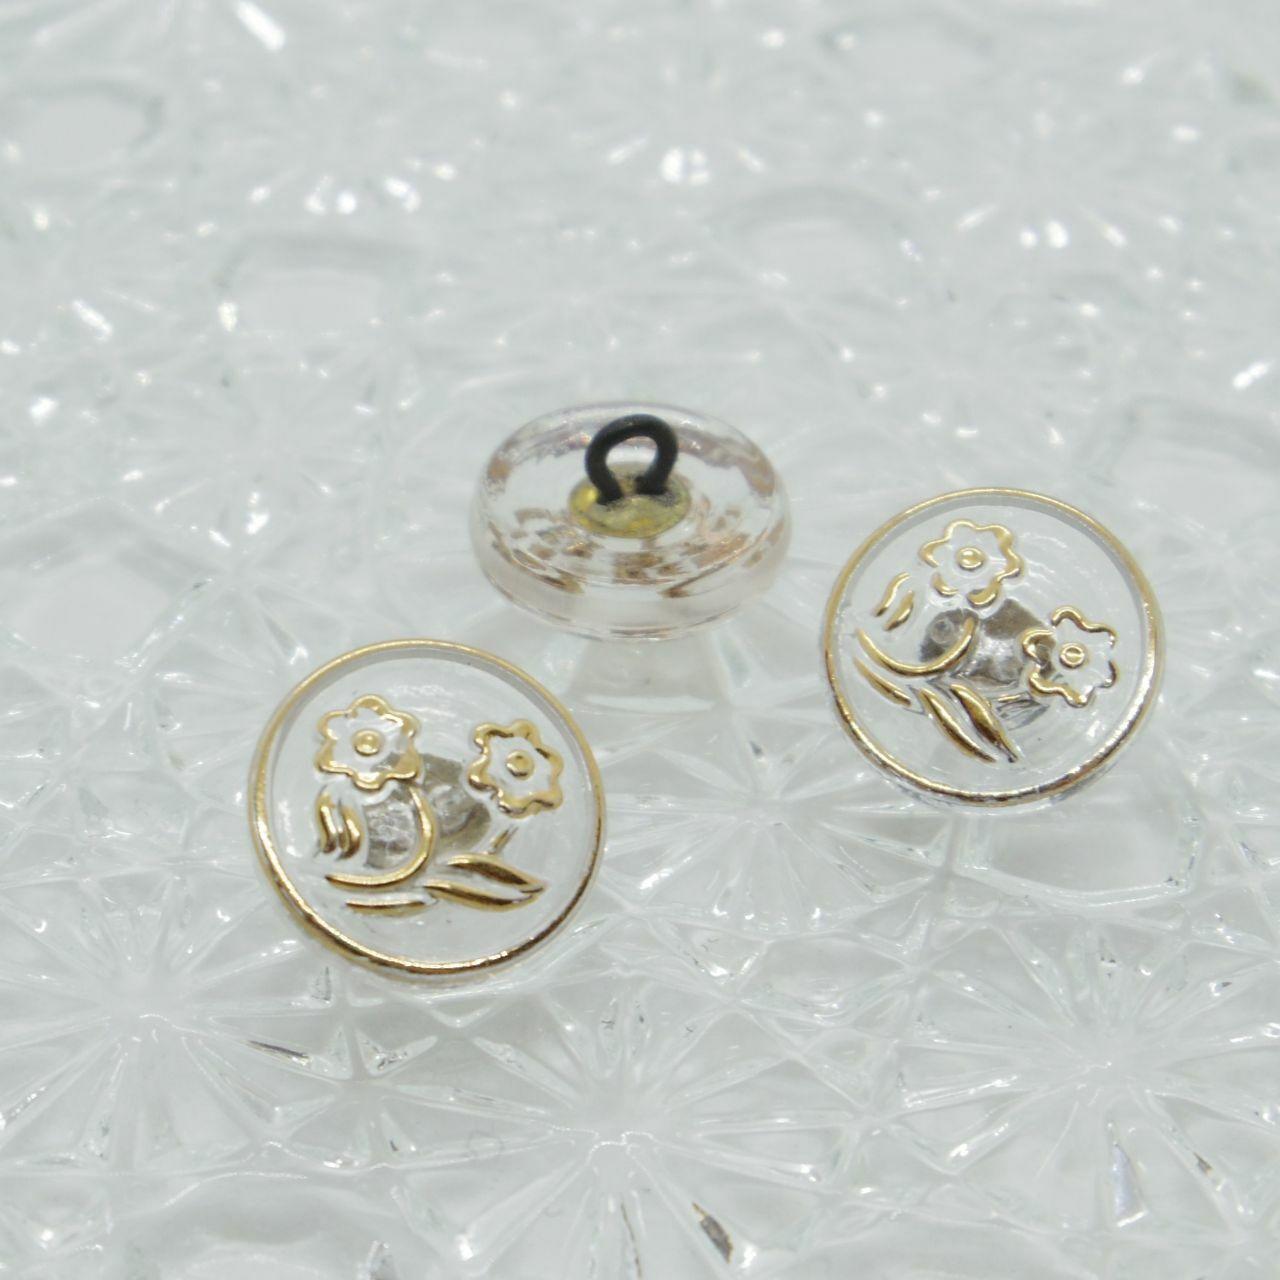 【チェコガラスボタン】2輪の花・クリア ::: 特小1.4cm